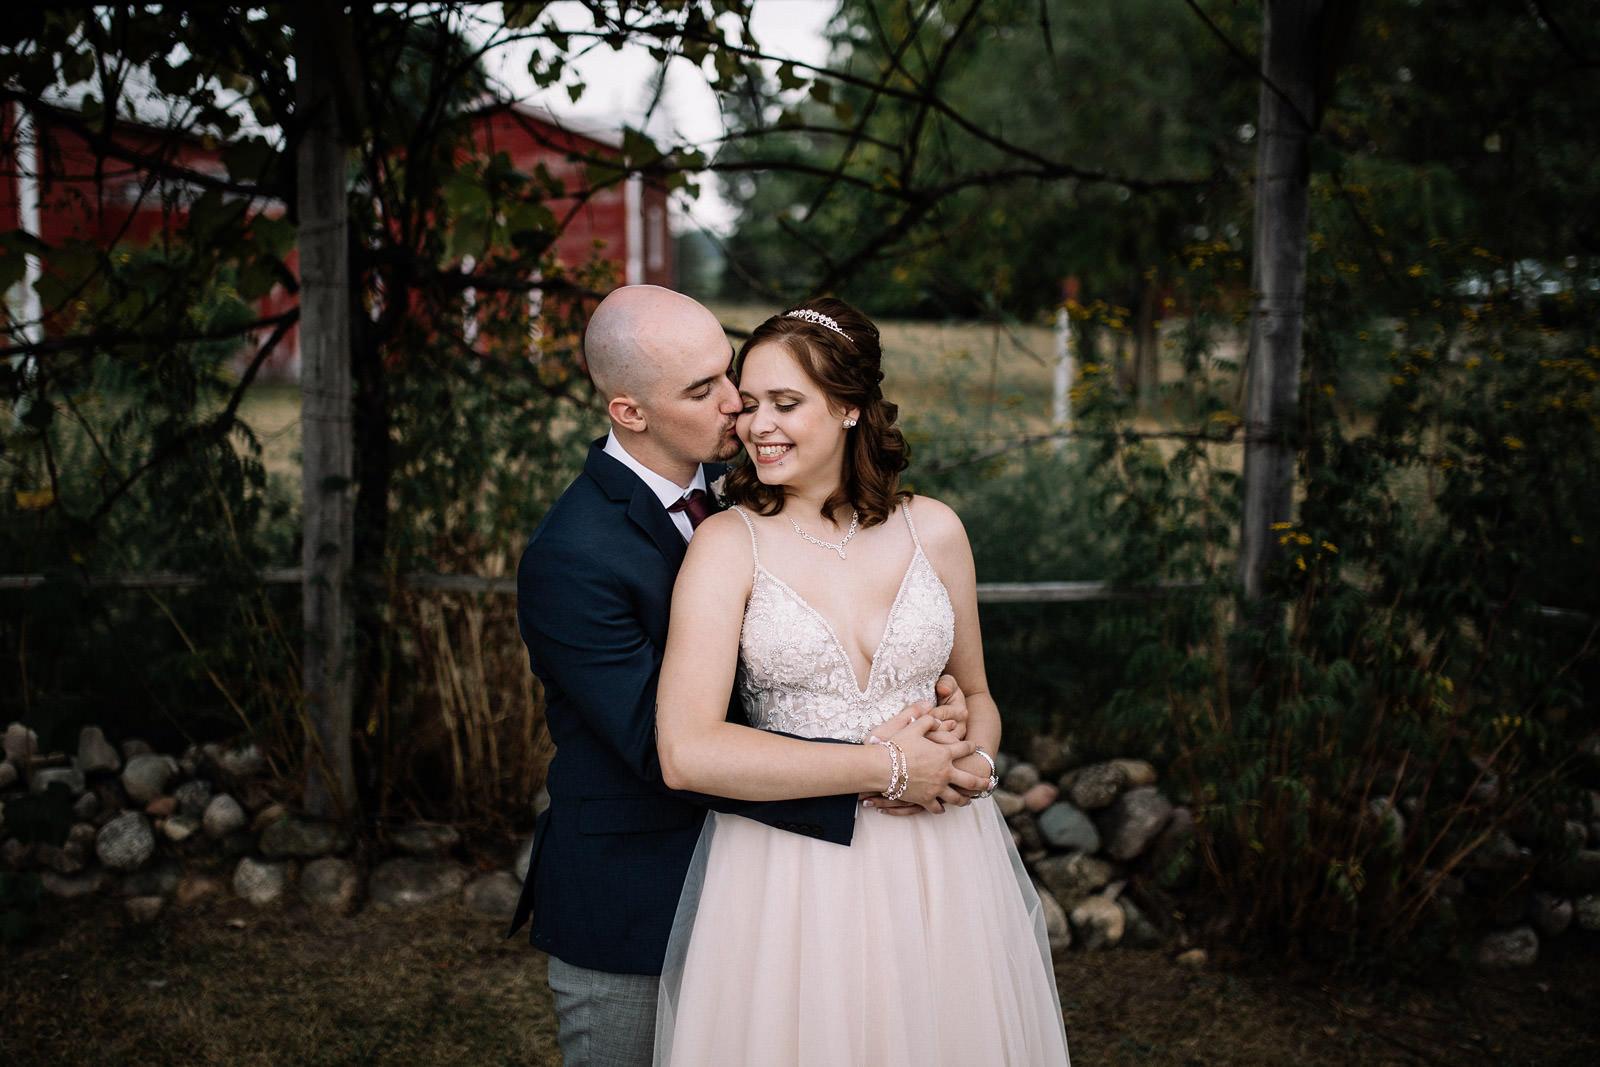 Blue Sky Barn Wedding | Ashley + Ryan | By Anna